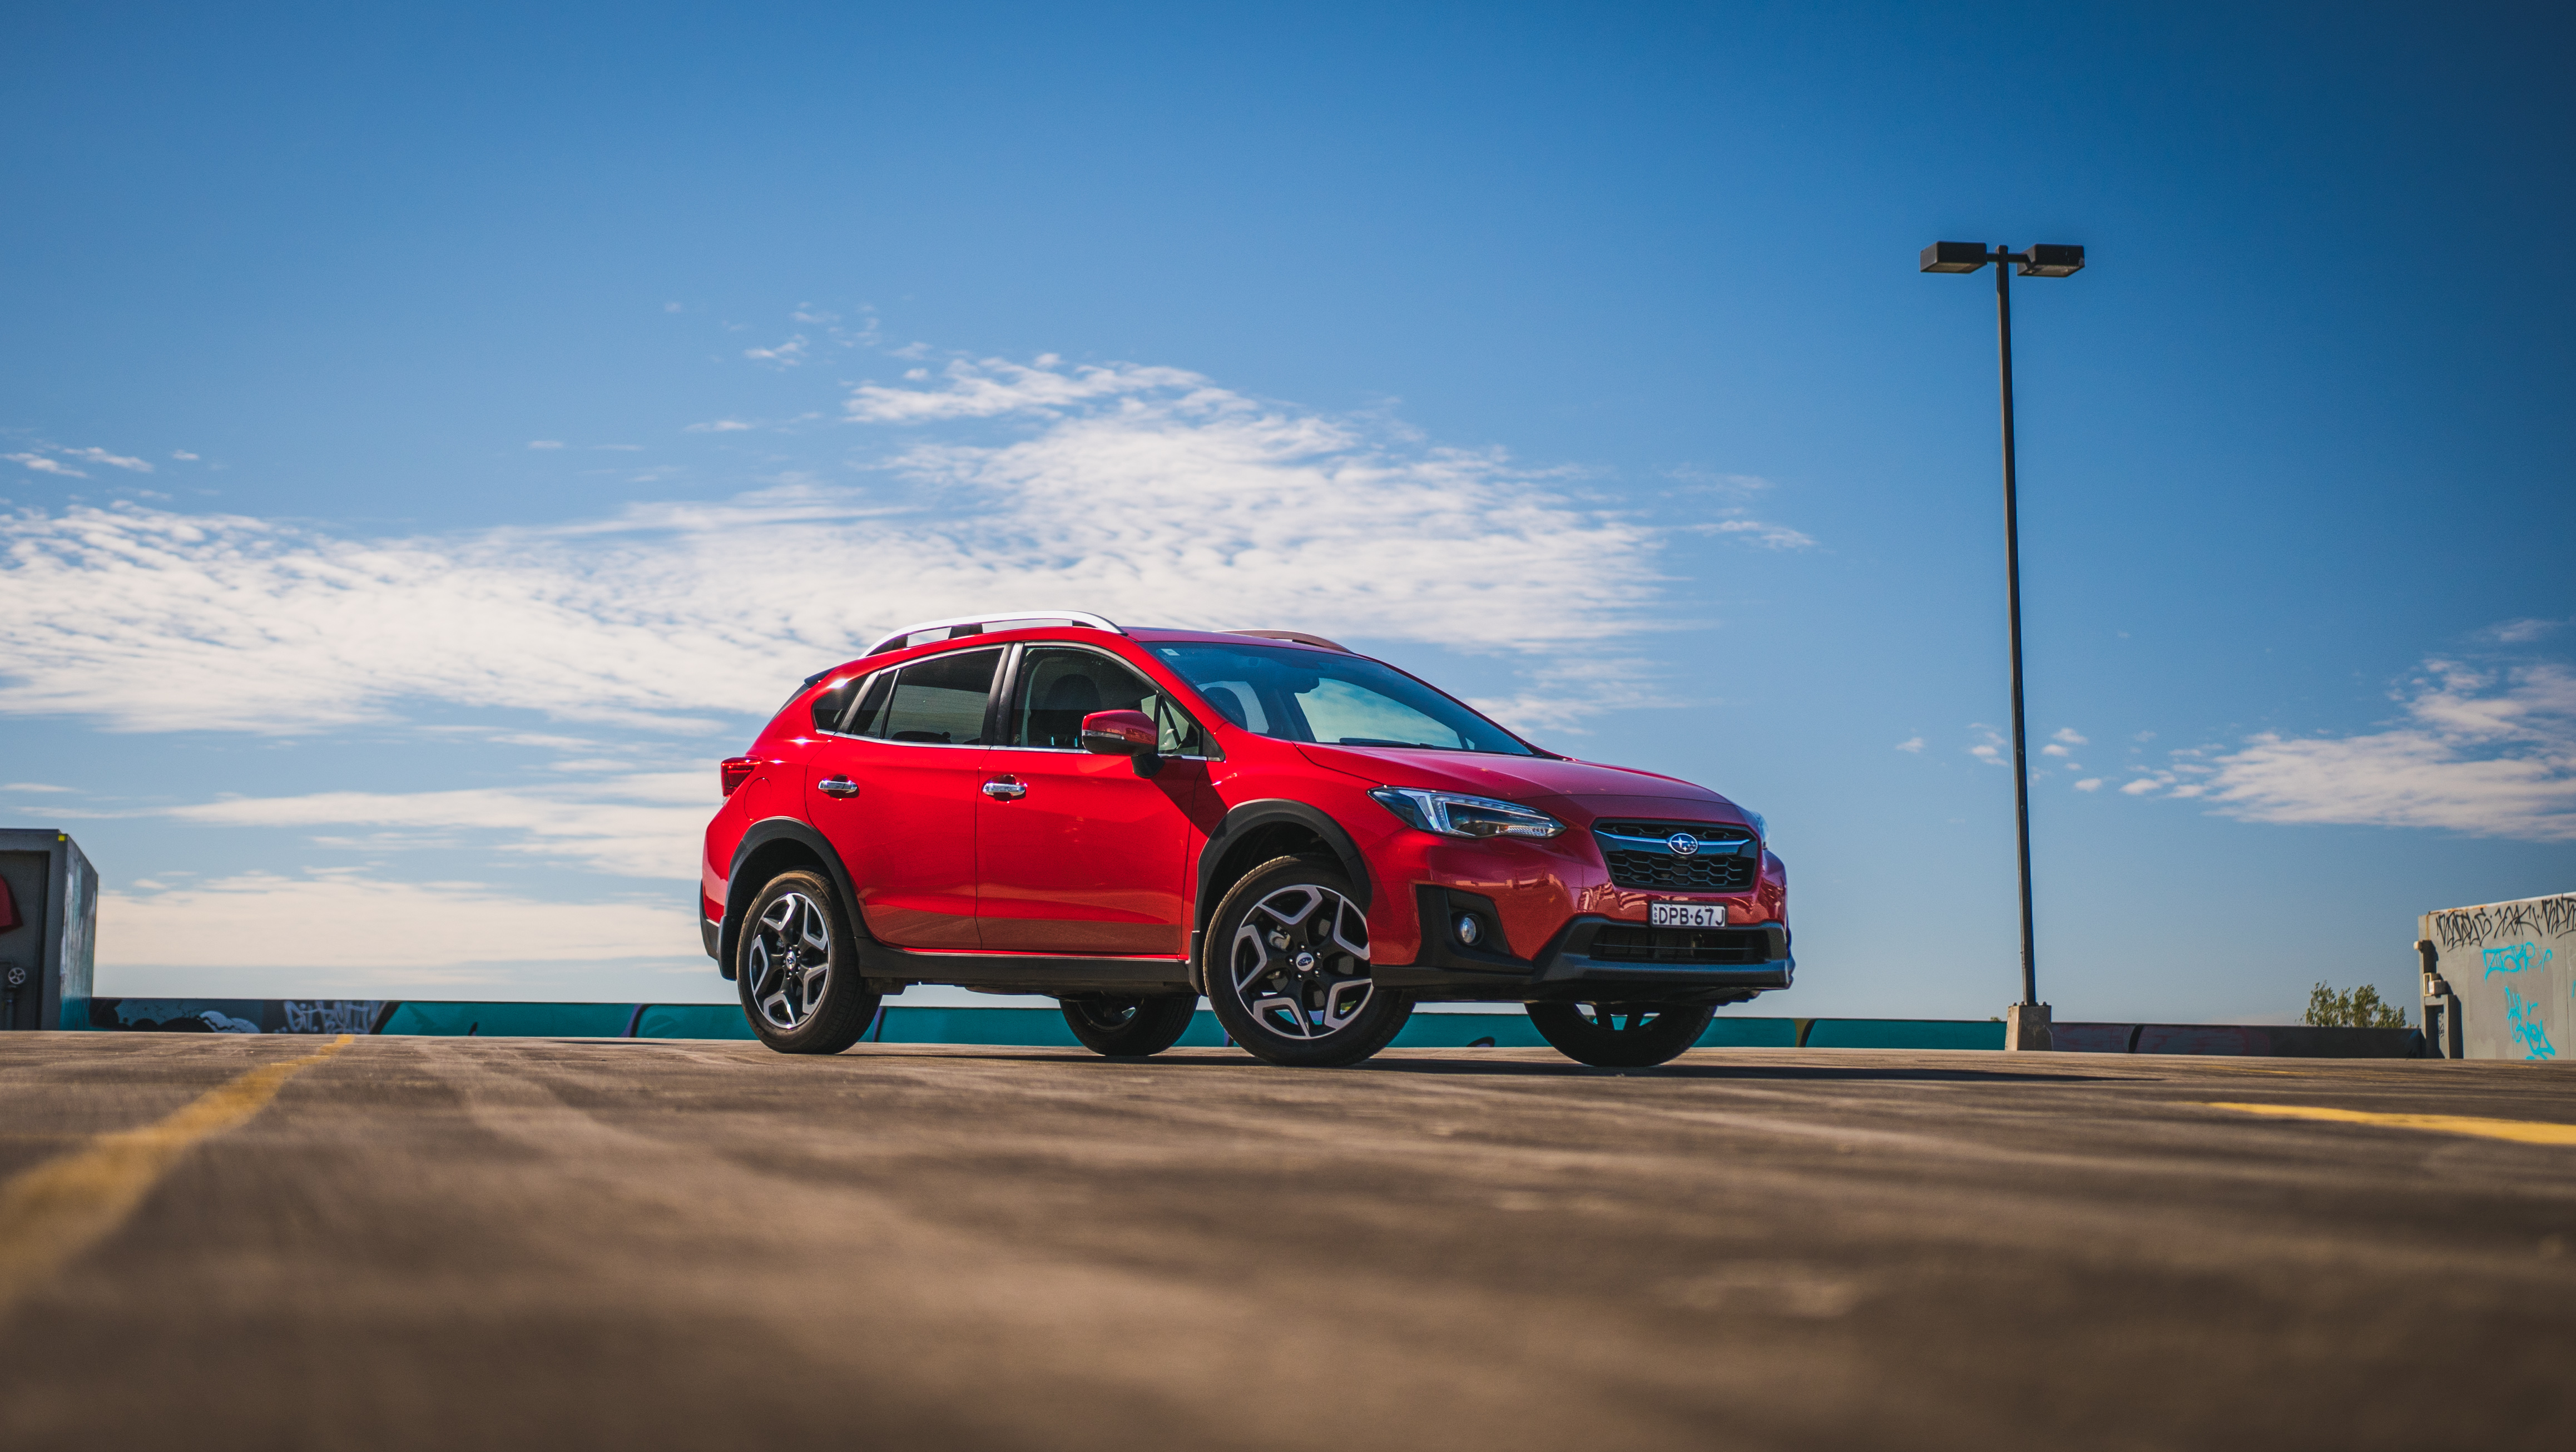 2018 Subaru XV 2 0i-S review   CarAdvice